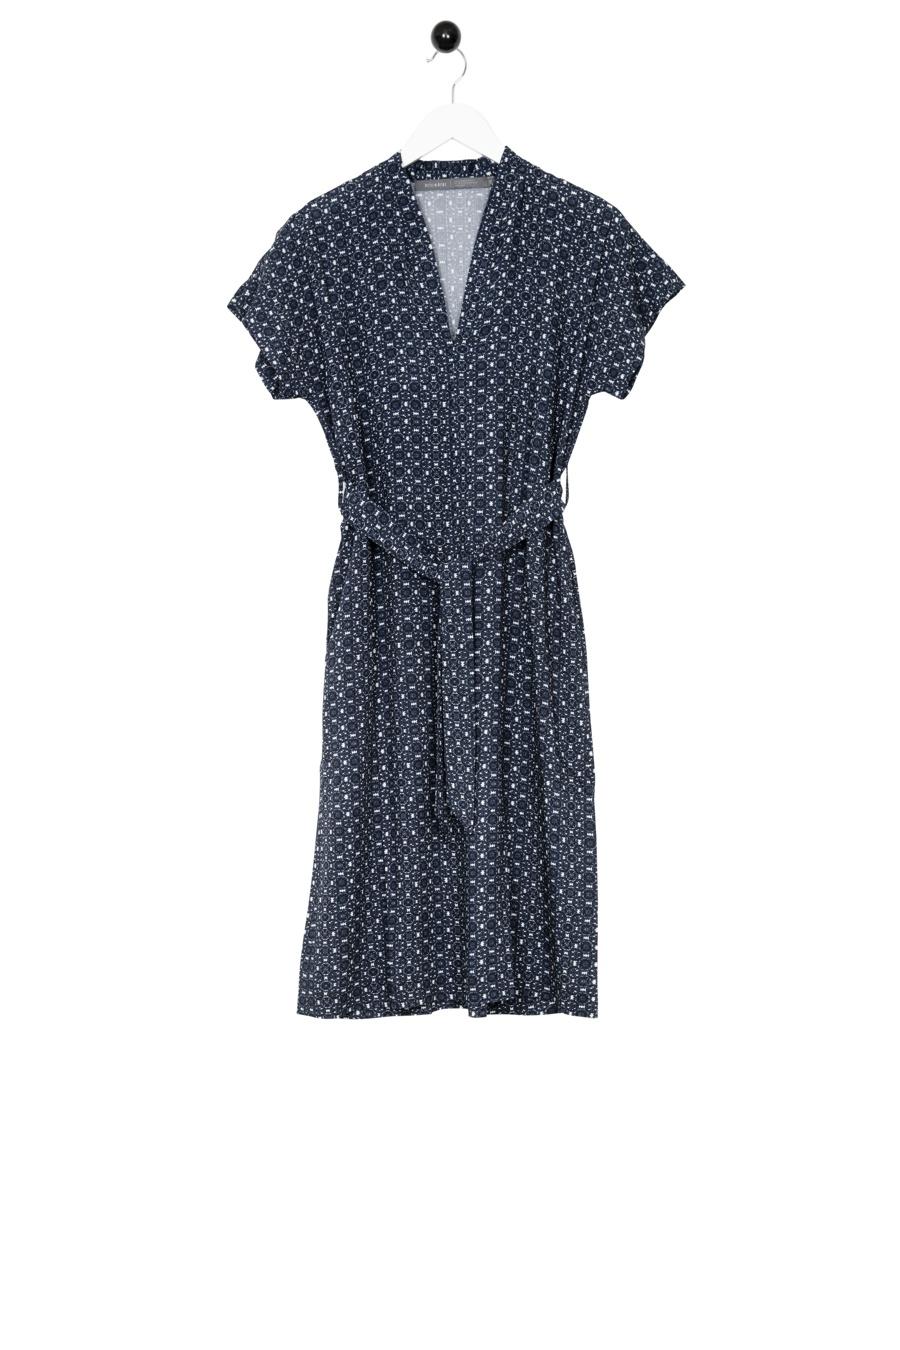 Perpignan Dress